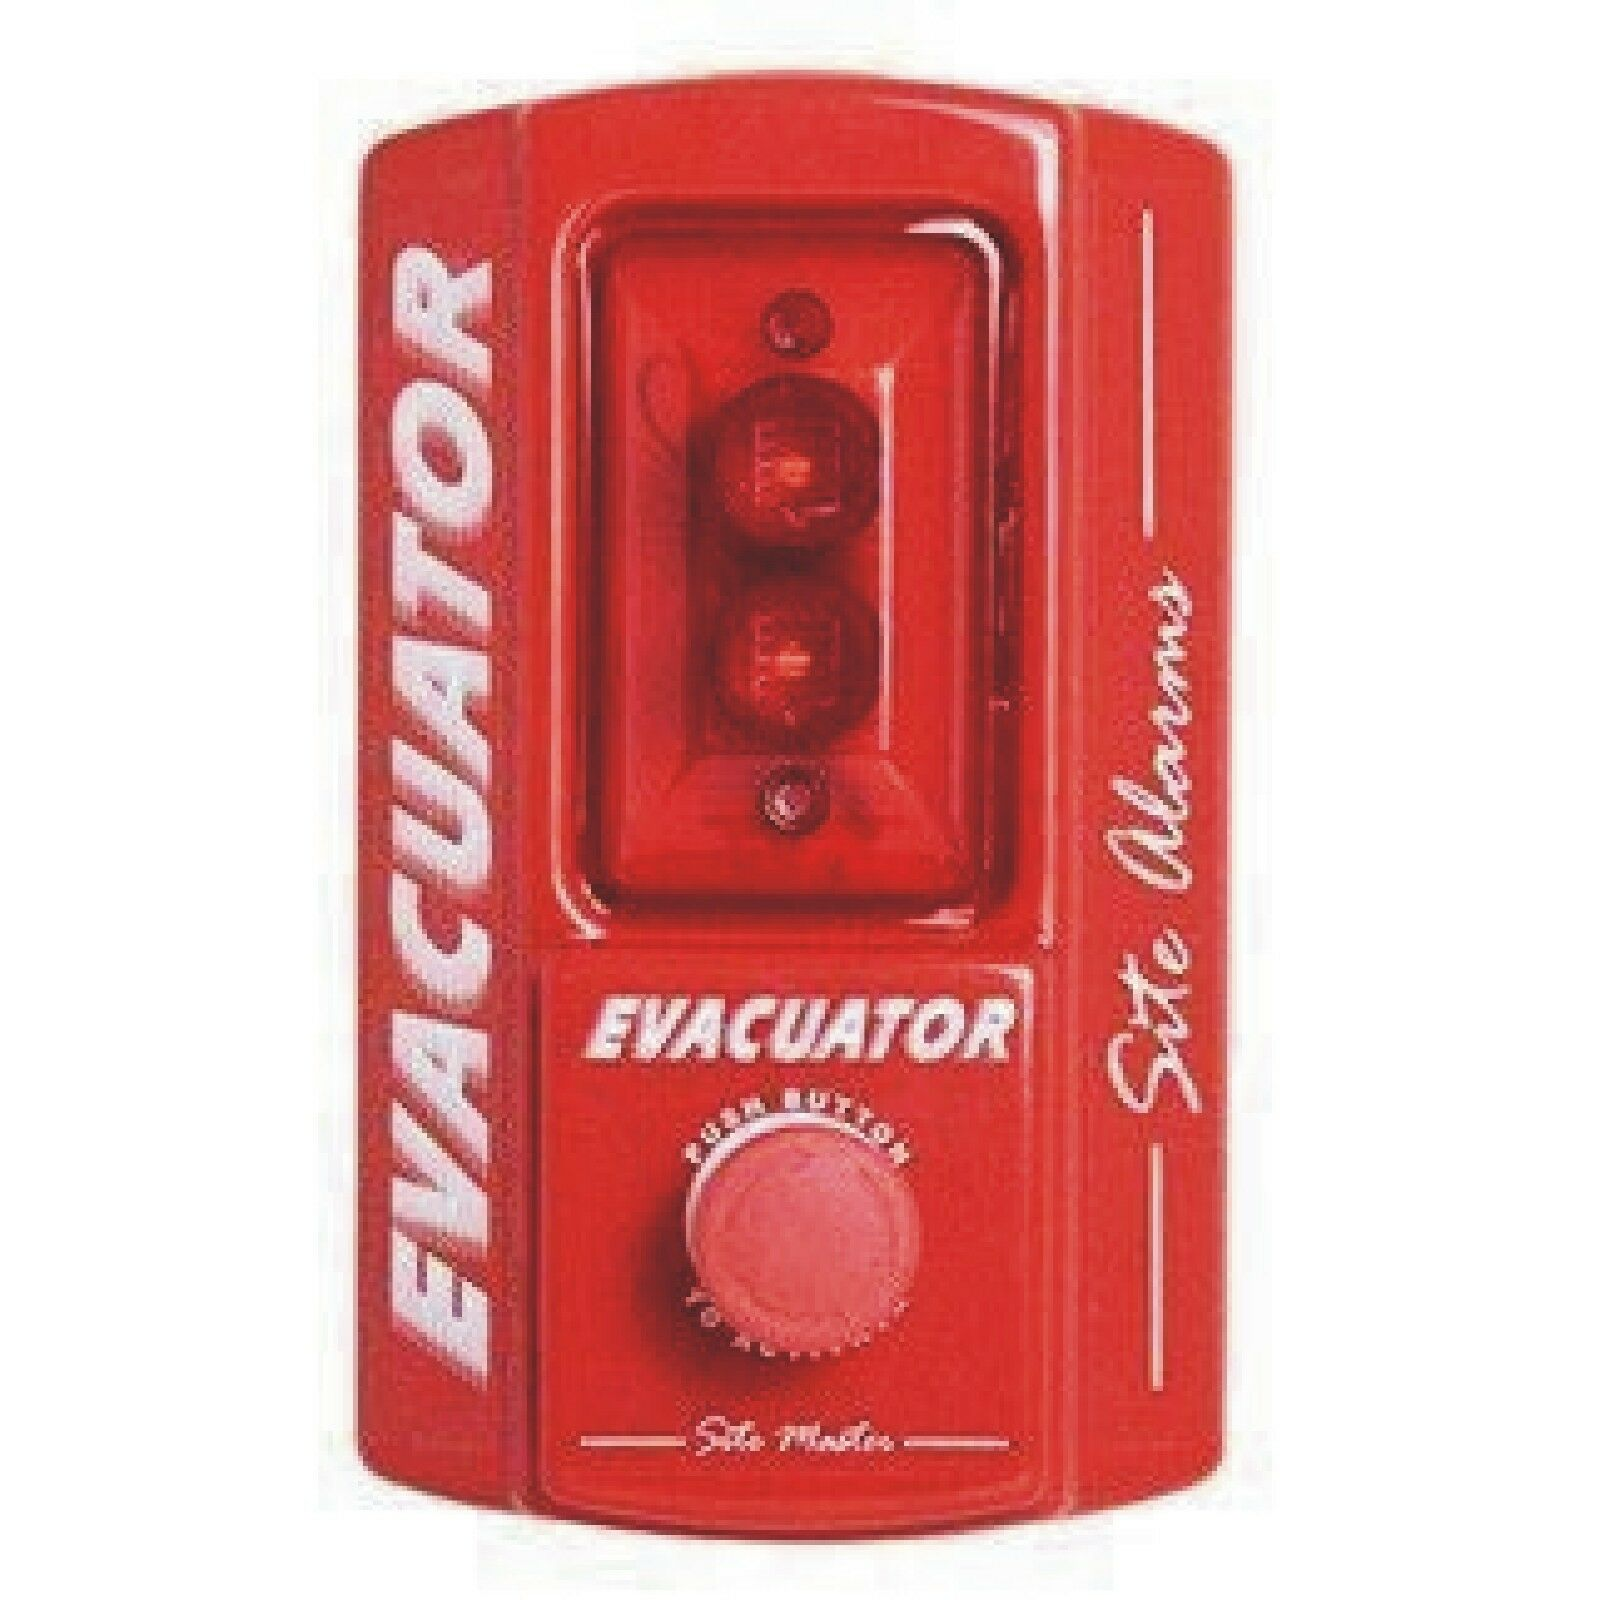 Nueva alerta de sitio sitio con Batería punto de llamada de alarma de incendio alerta de sitio